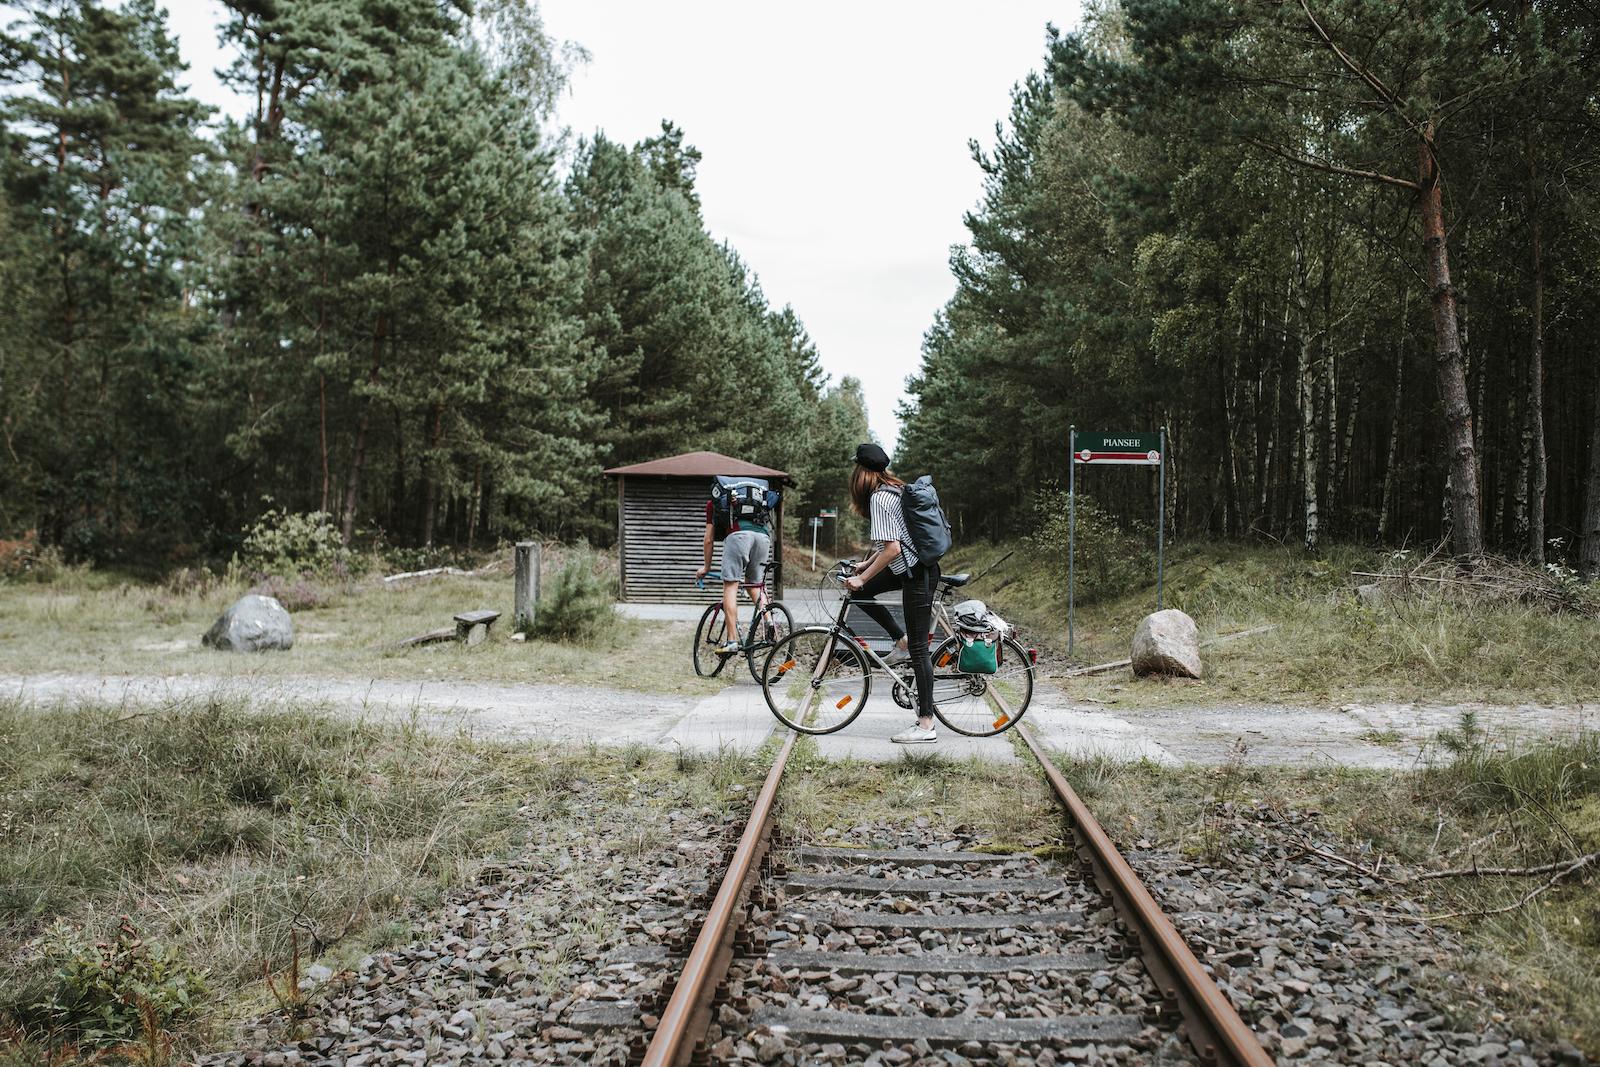 wecyclebrandenburg_(c)Madlen_Krippendorf_himmelpfort5.jpg